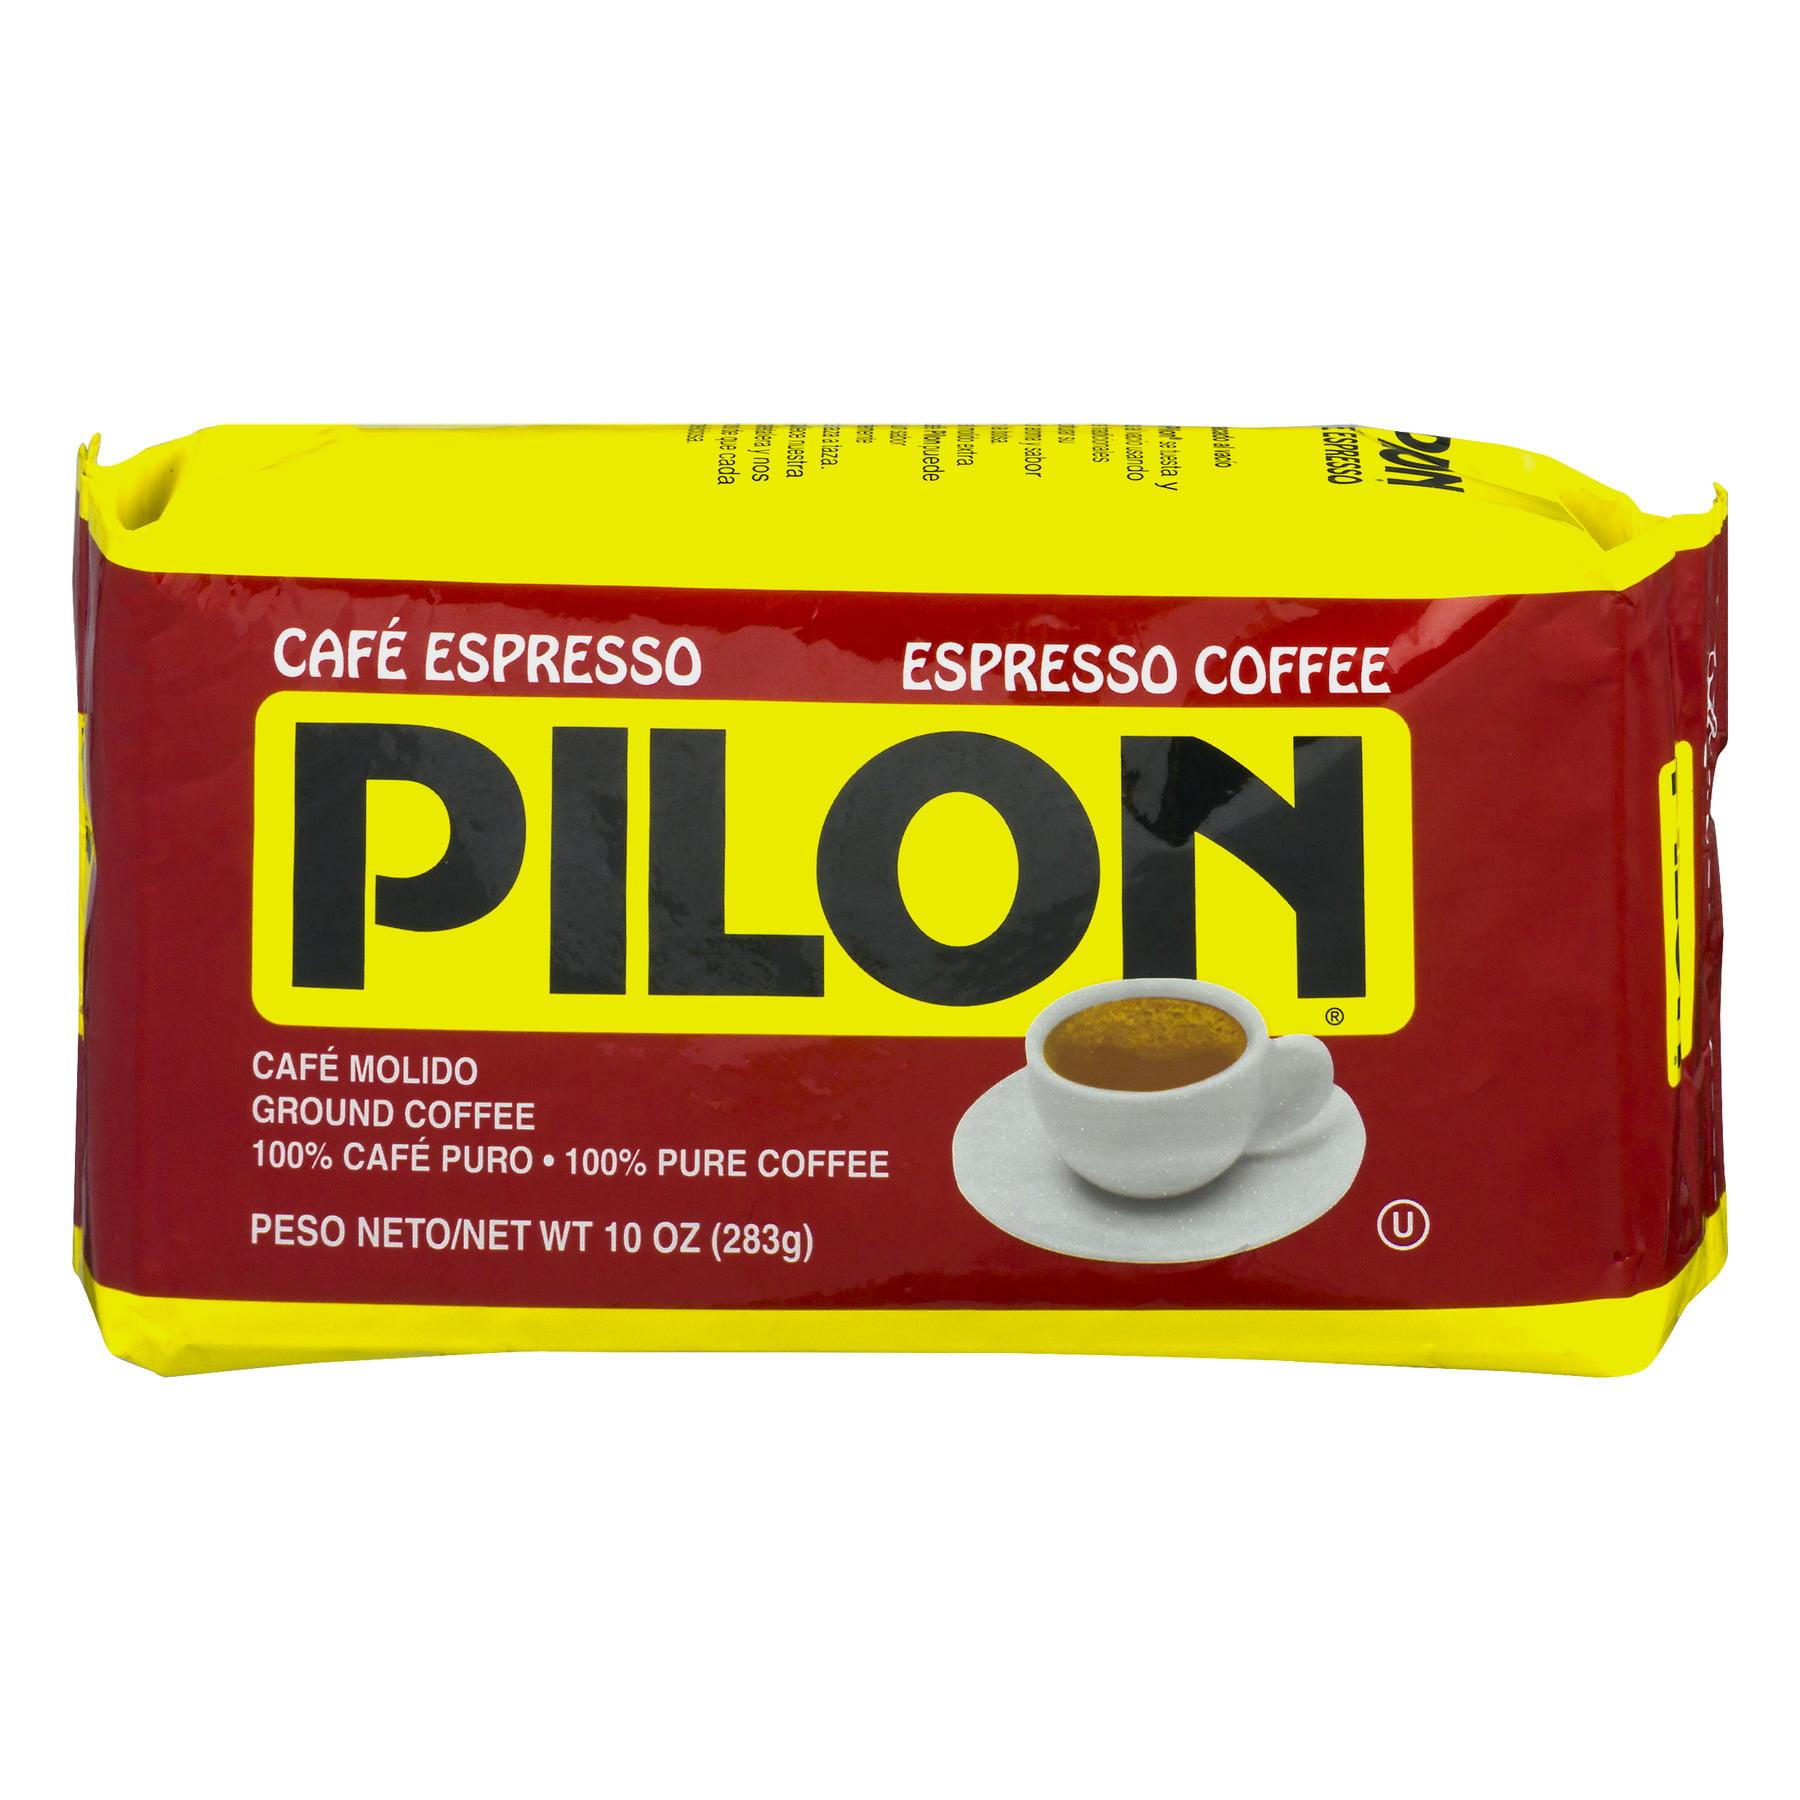 (2 Pack) Pilon Espresso Coffee Cafe Molido Ground Coffee, 10.0 OZ